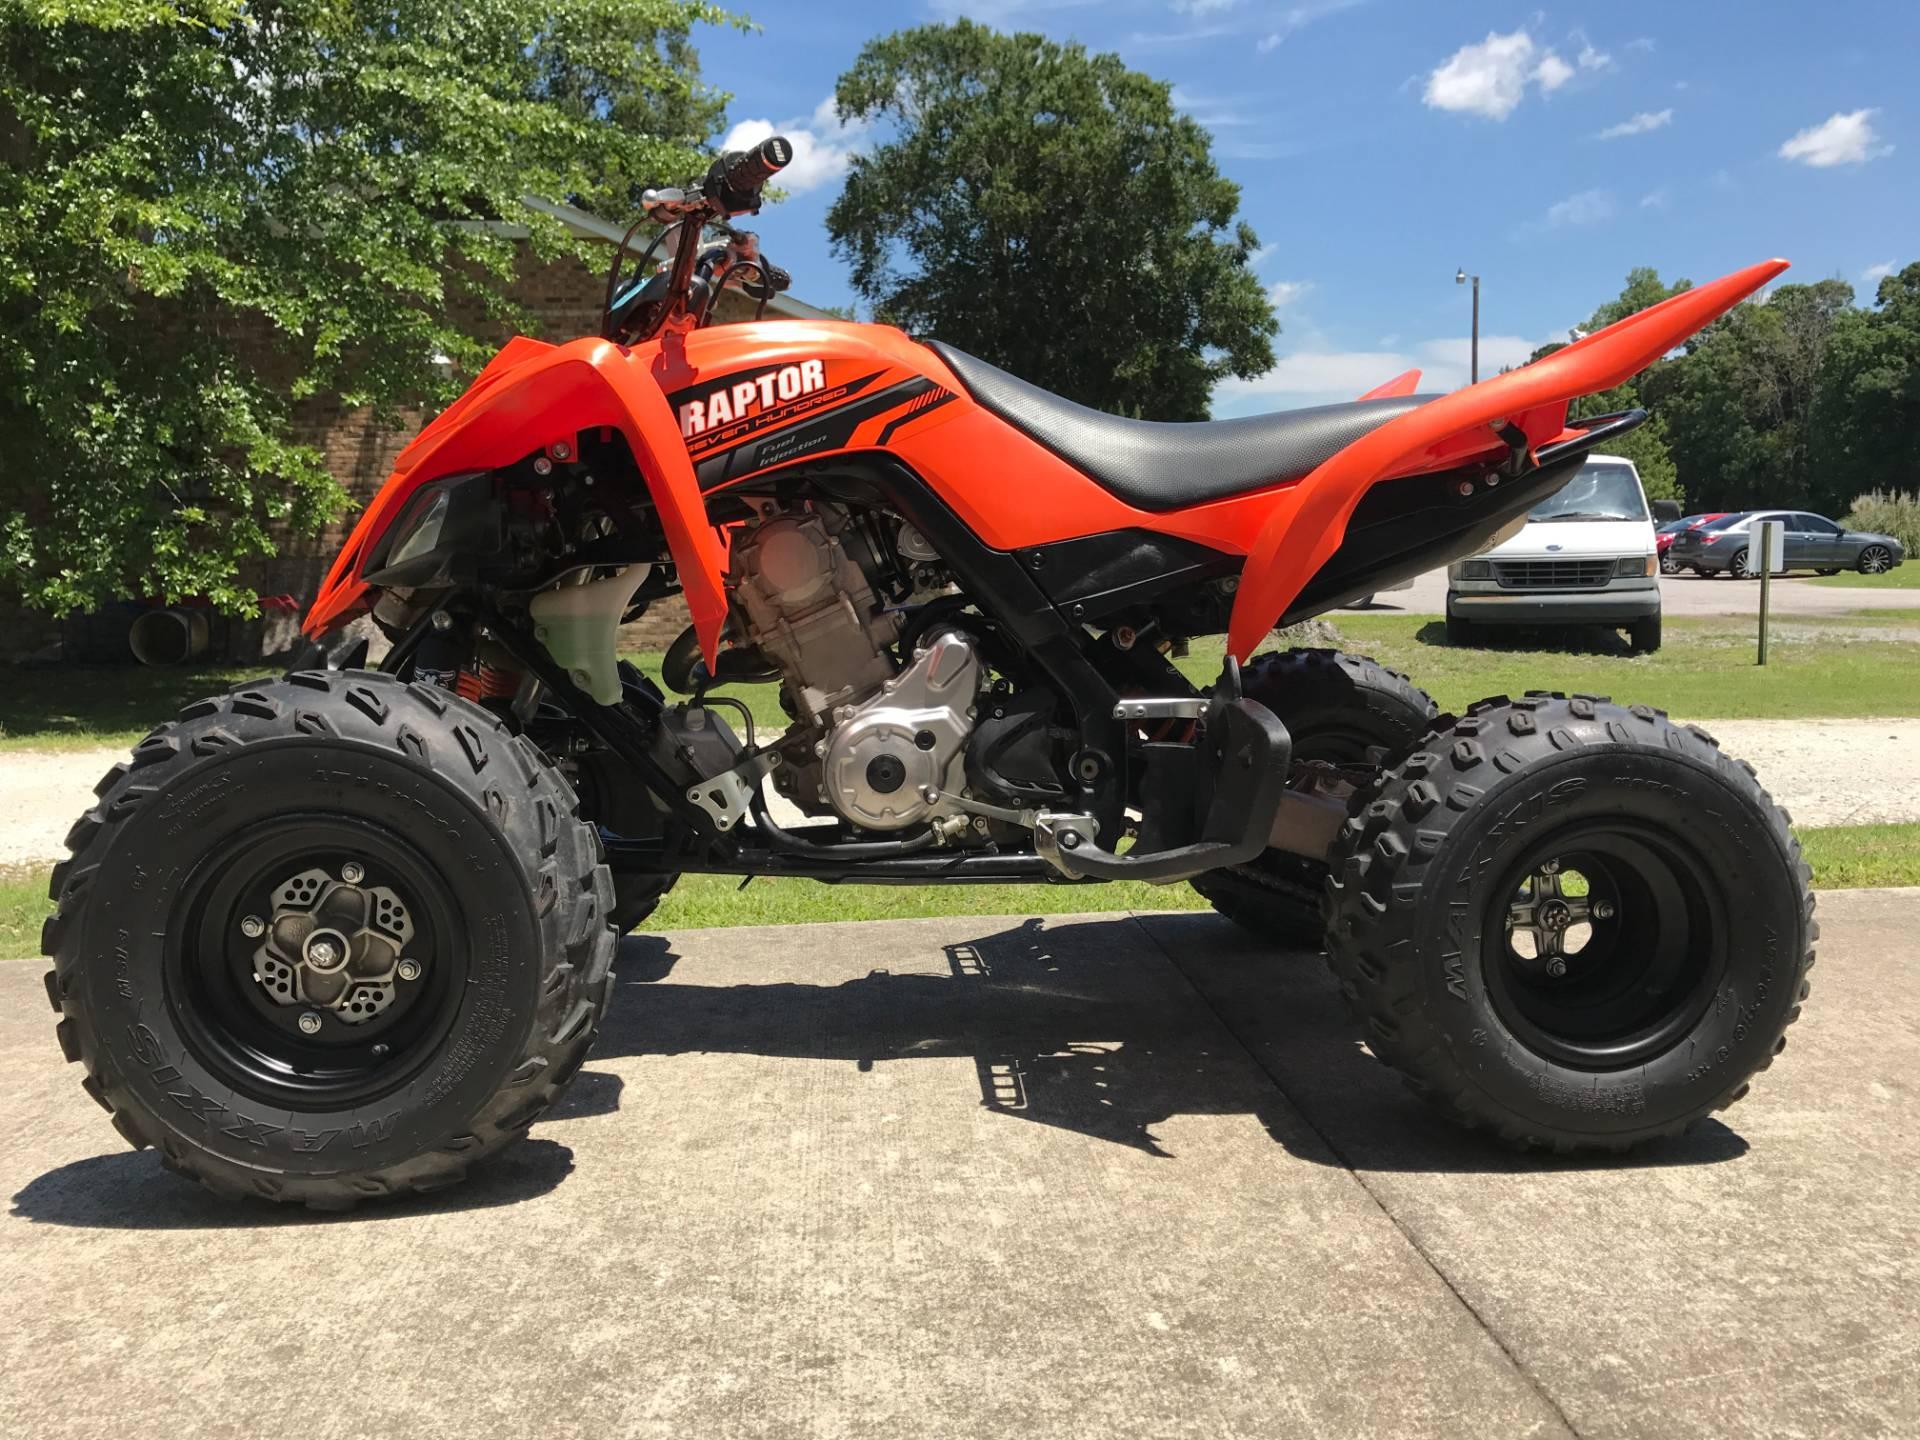 2017 Yamaha Raptor 700 6